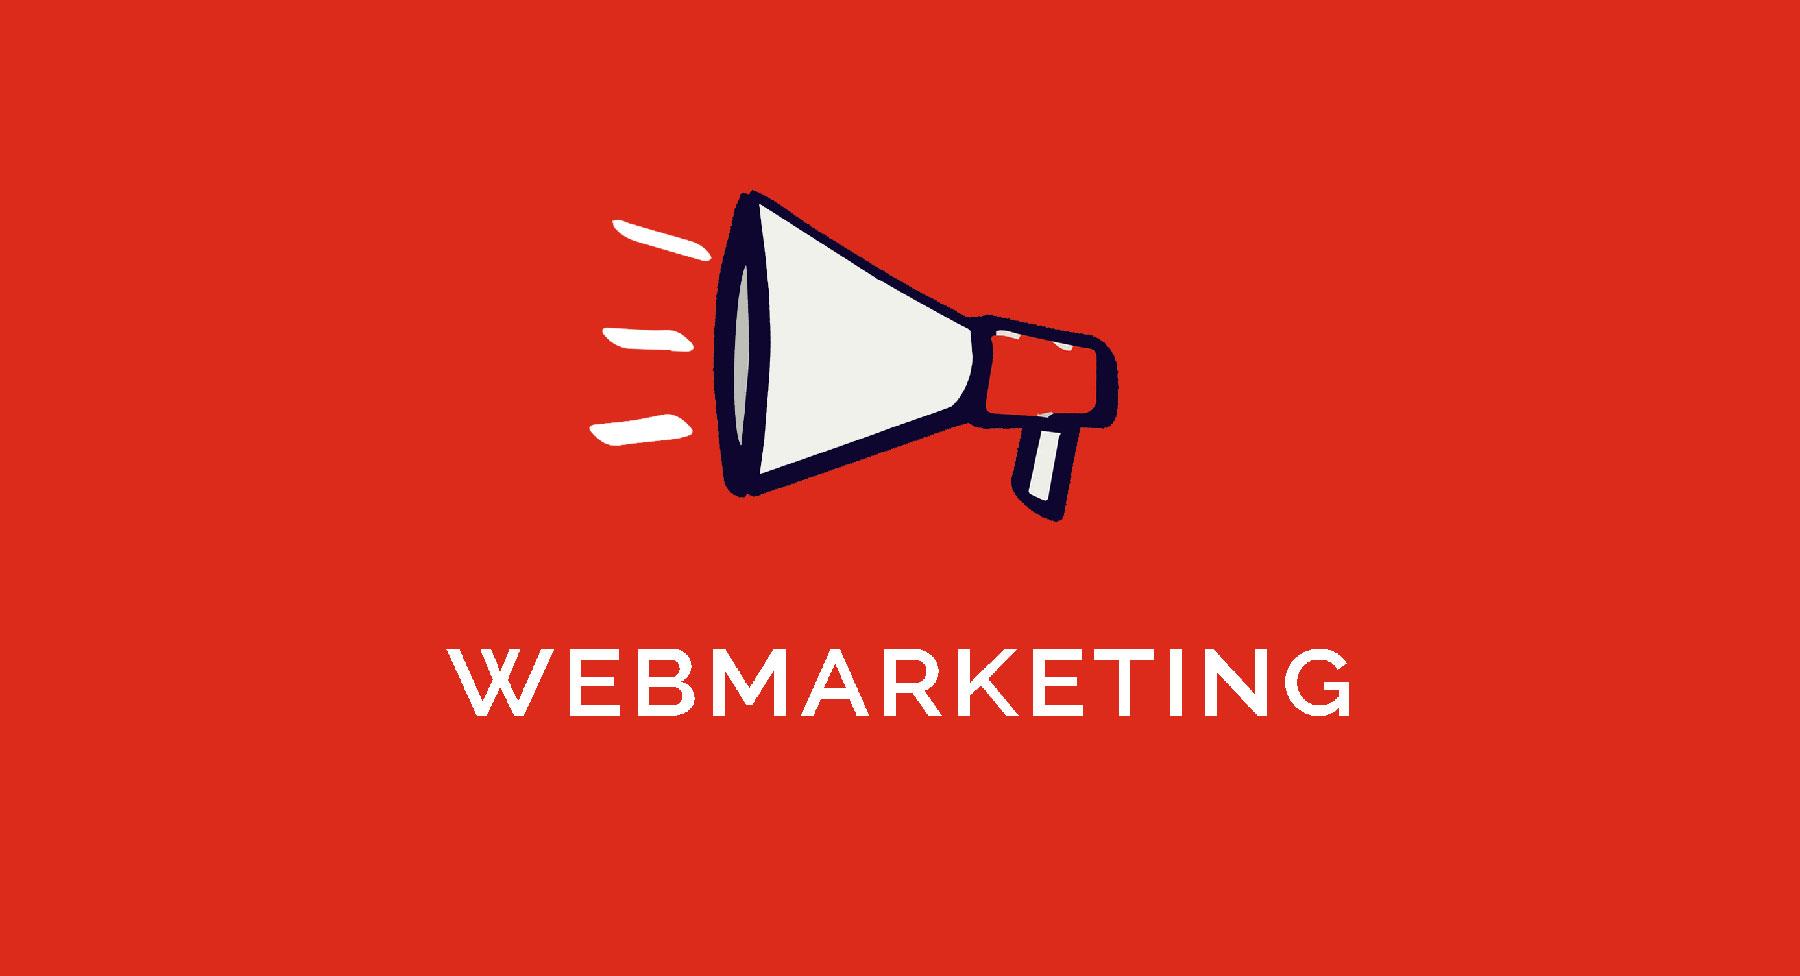 Le webmarketing, c'est quoi ?